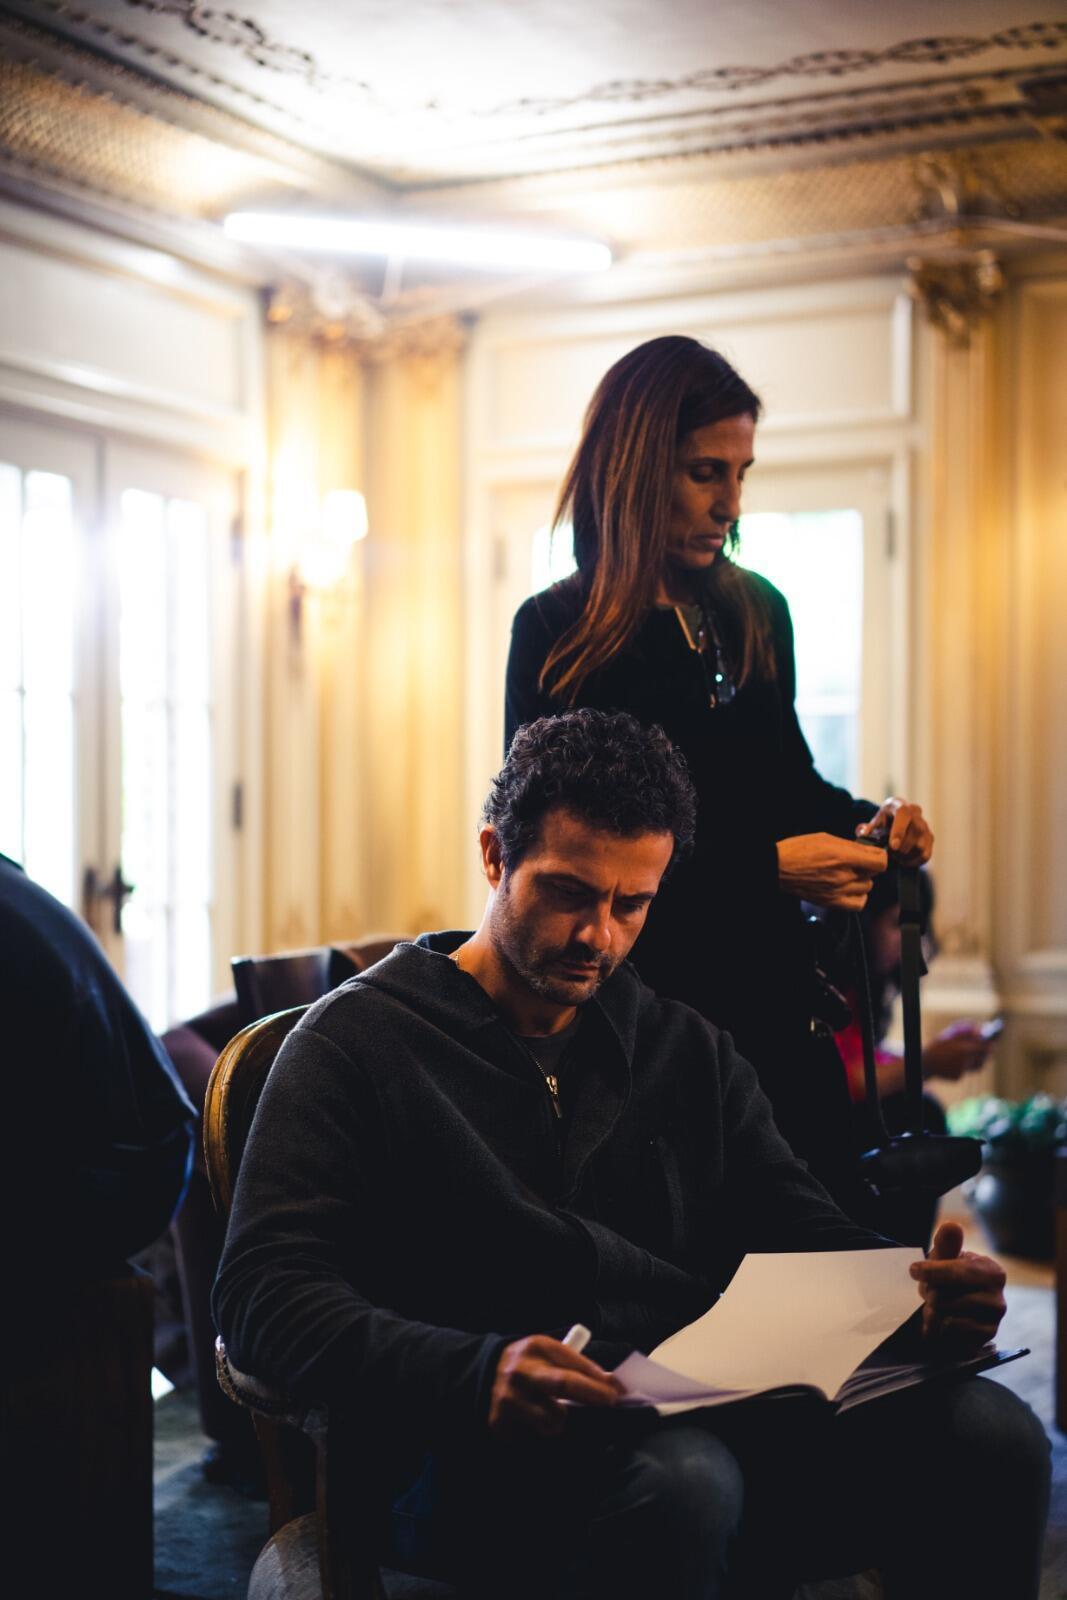 O cineasta Marcelo Galvão acredita que, enquanto não houver vacina, os roteiros devem ser adaptados à nova realidade.